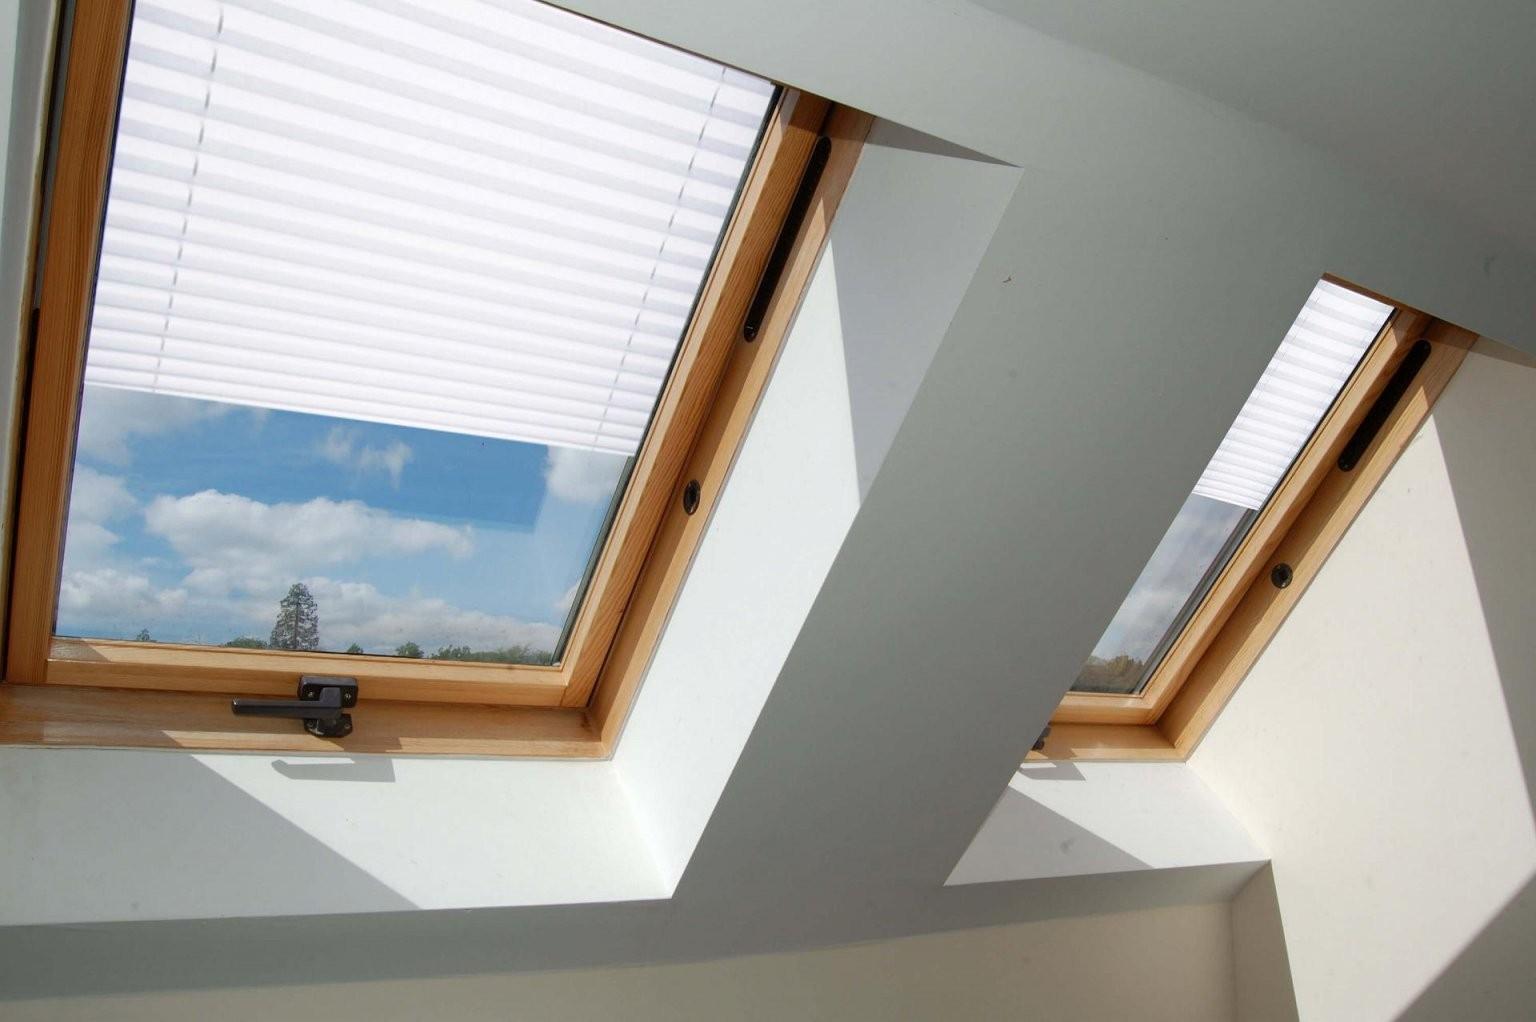 Plissee Dachfenster  Plissee Für Dachfenster Ohne Bohren von Velux Dachfenster Plissee Ohne Bohren Bild